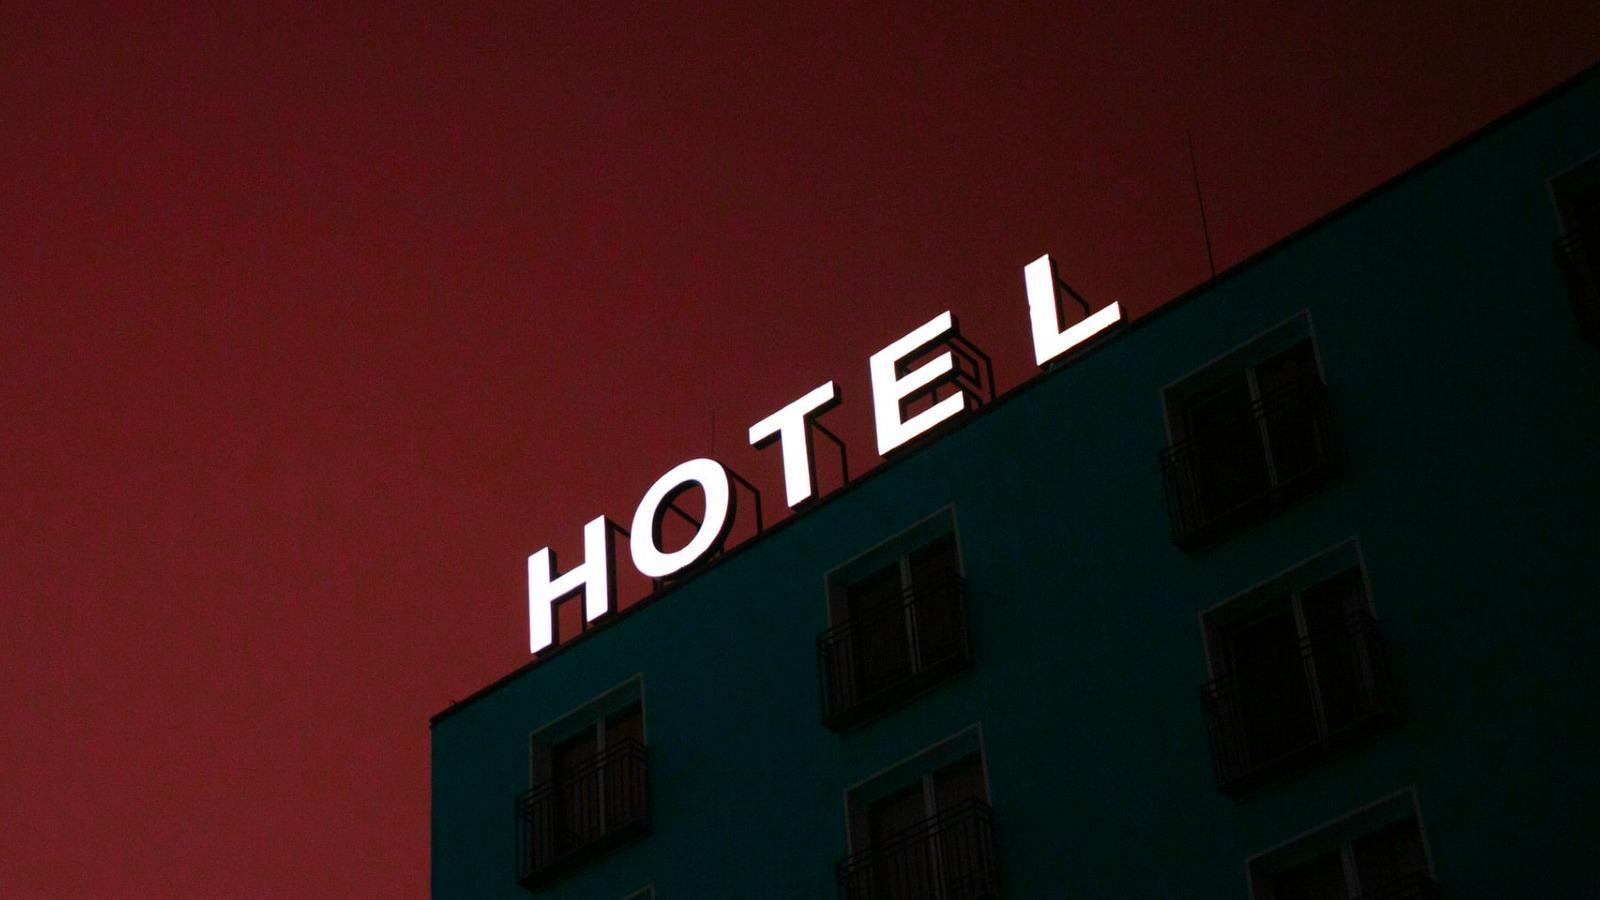 Hacking grubu, dünya çapındaki otelleri ihlal etmek için ProxyLogon istismarlarını kullandı